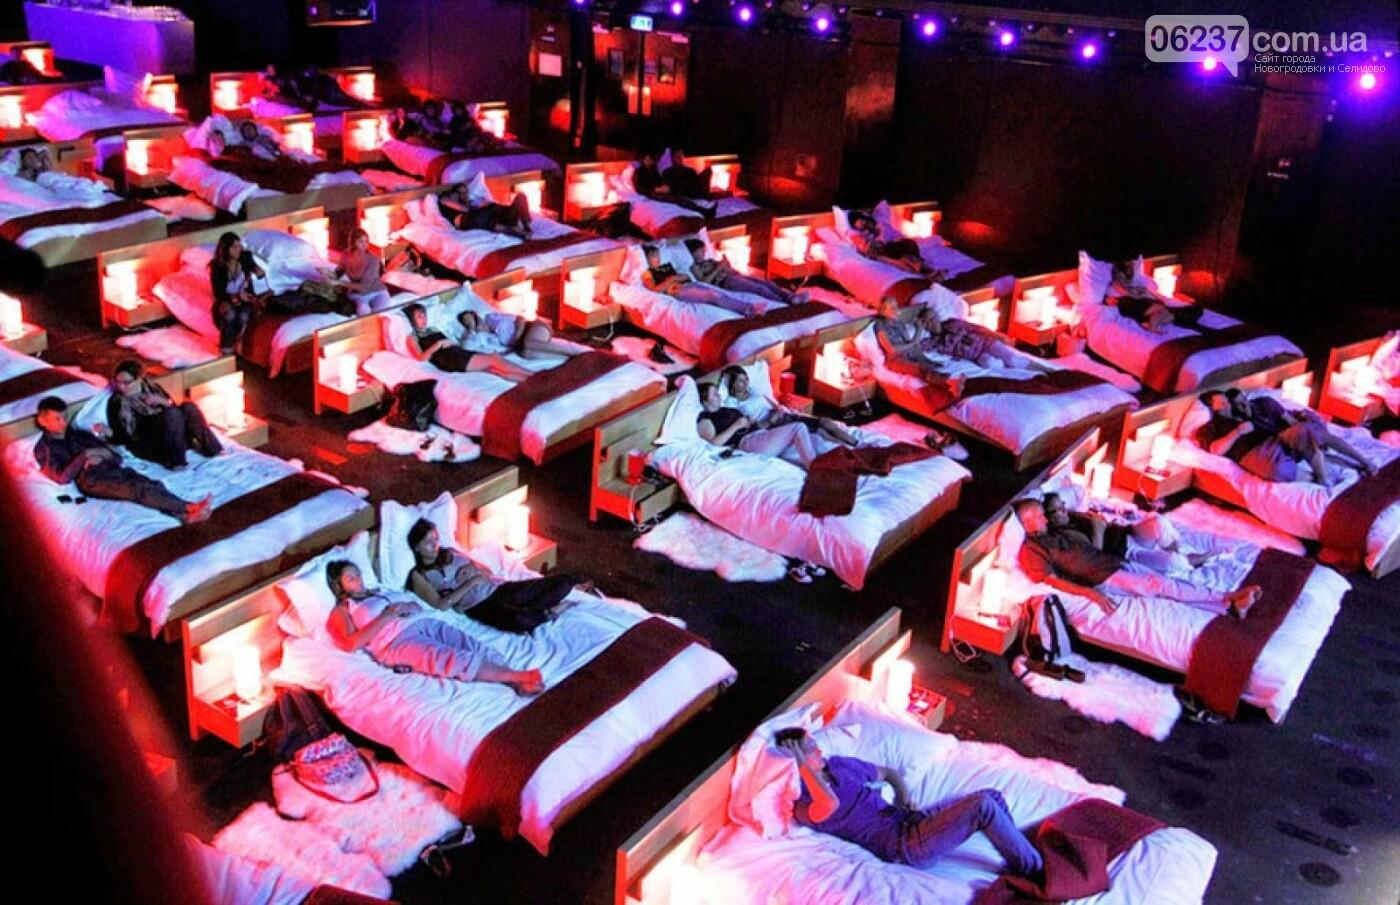 В кинотеатре в Швейцарии установили двуспальные кровати, фото-1